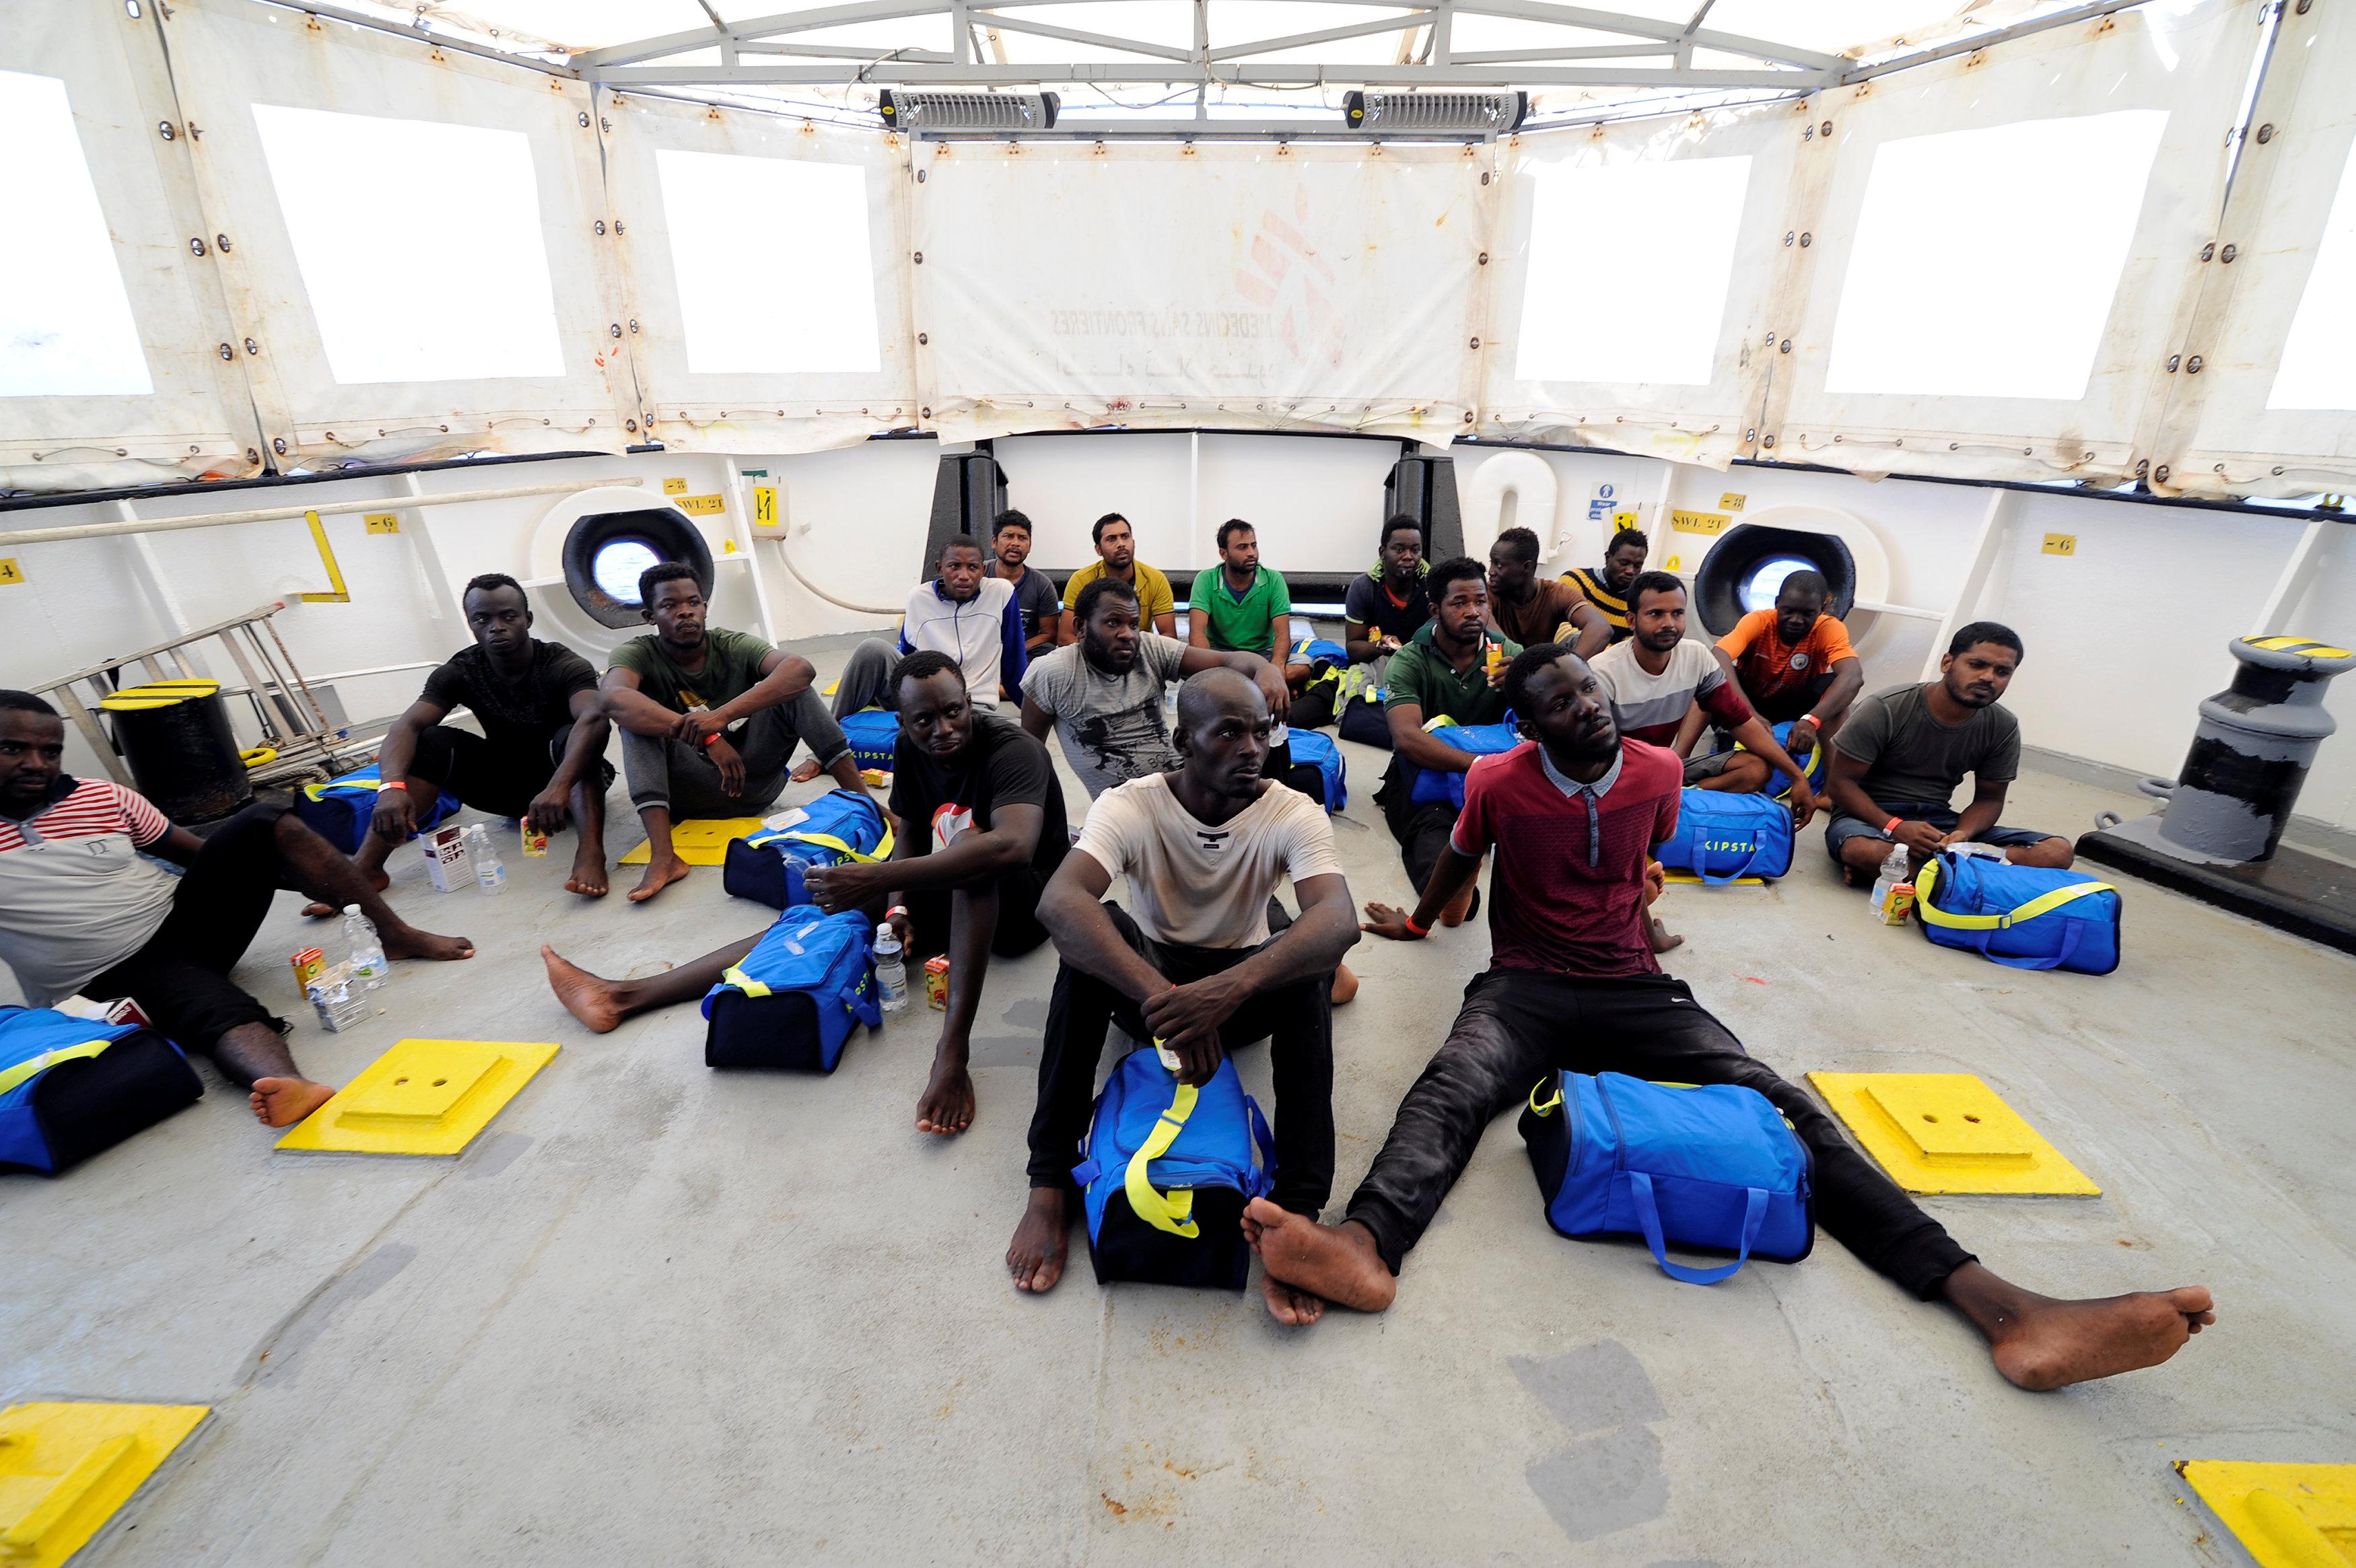 إنقاذ عدد كبير من المهاجرين الأفارقة